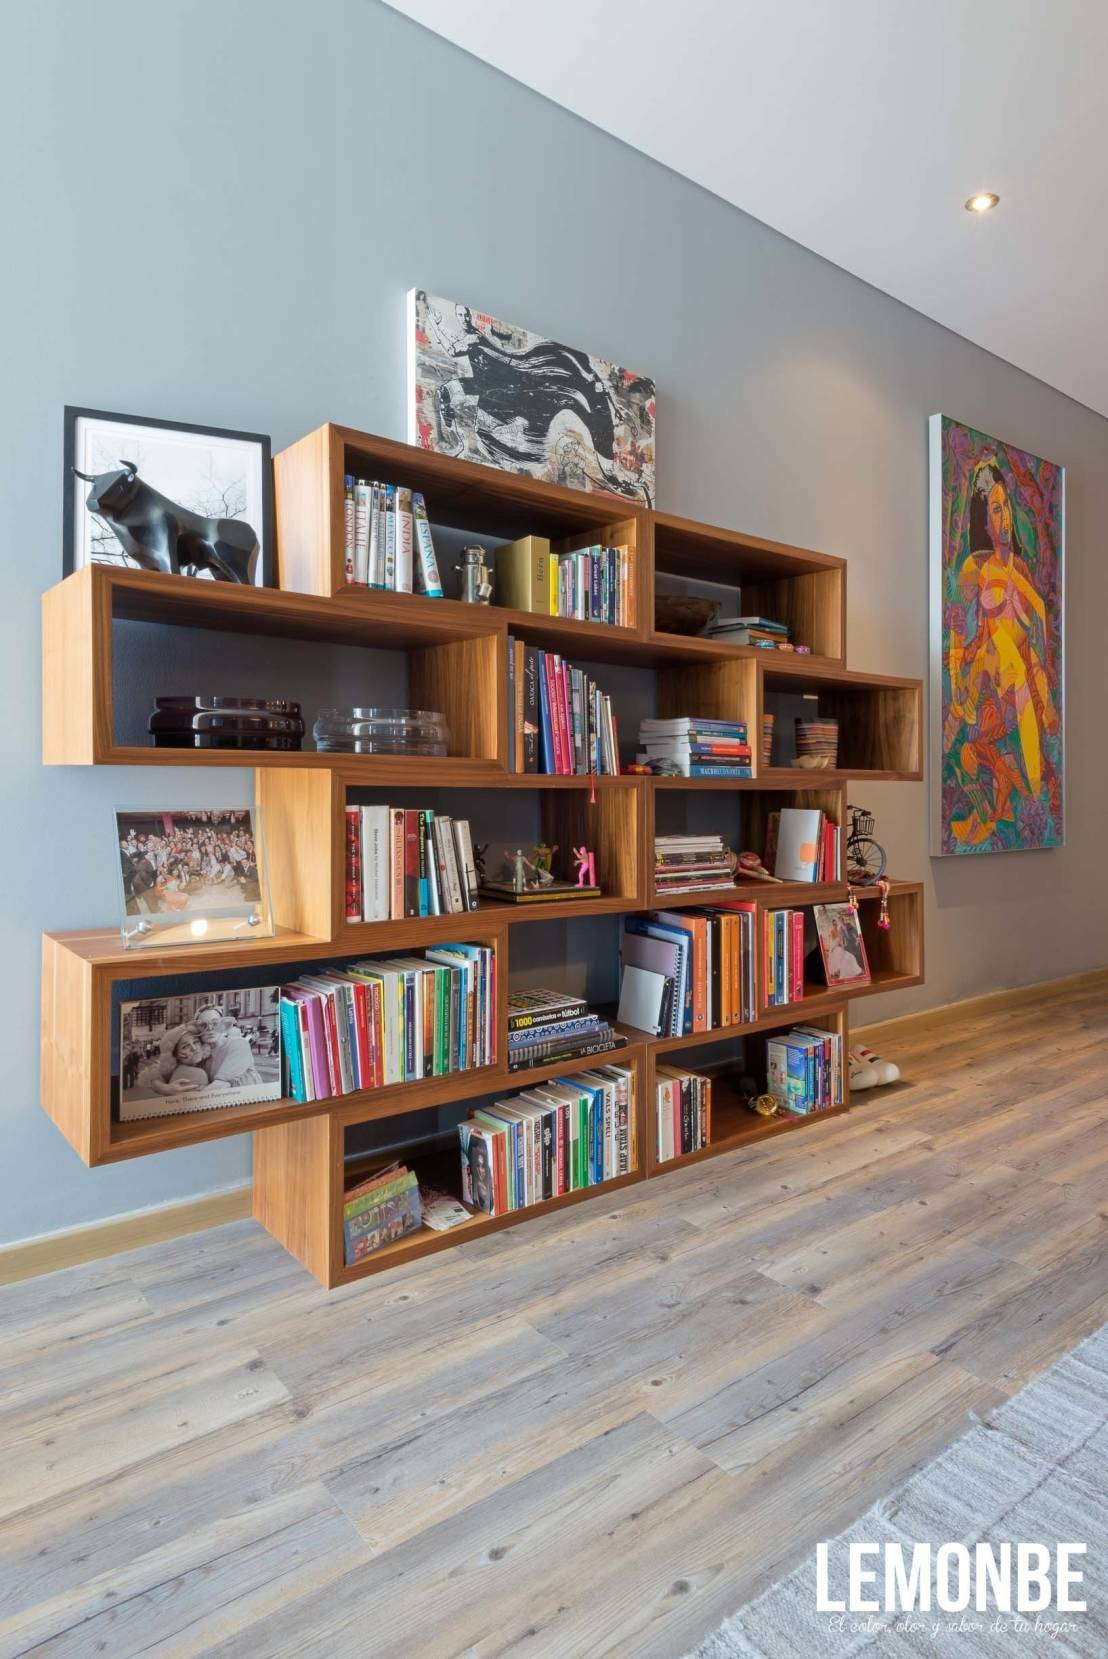 Peque as ideas para decorar los pasillos de tu casa for Ideas para decorar tu casa pequena